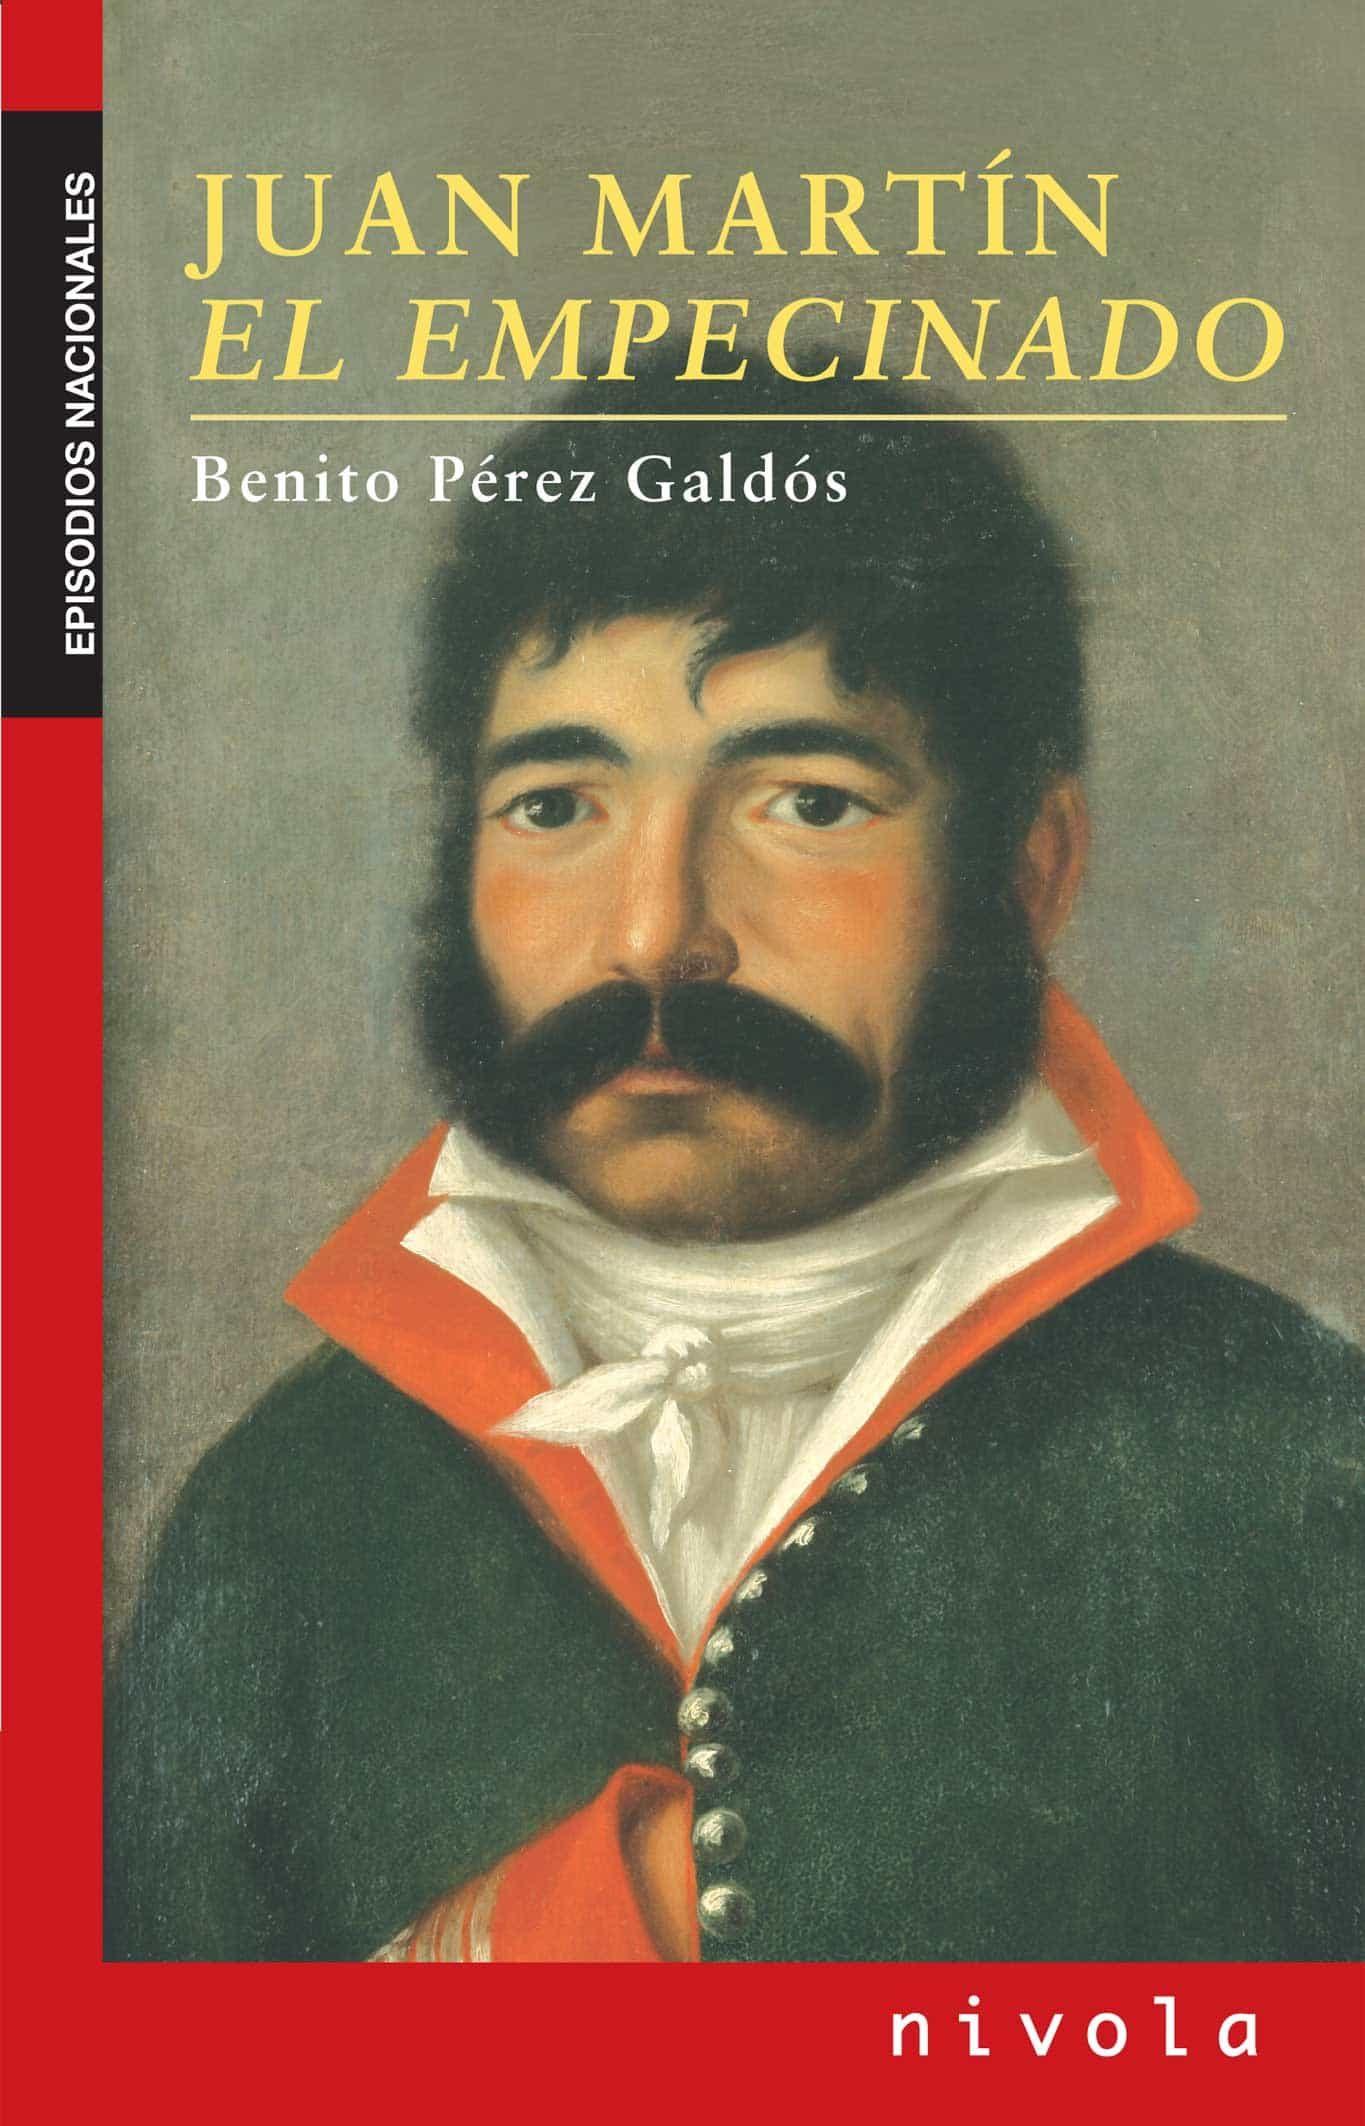 Juan Martin El Empecinado - Perez Galdos Benito